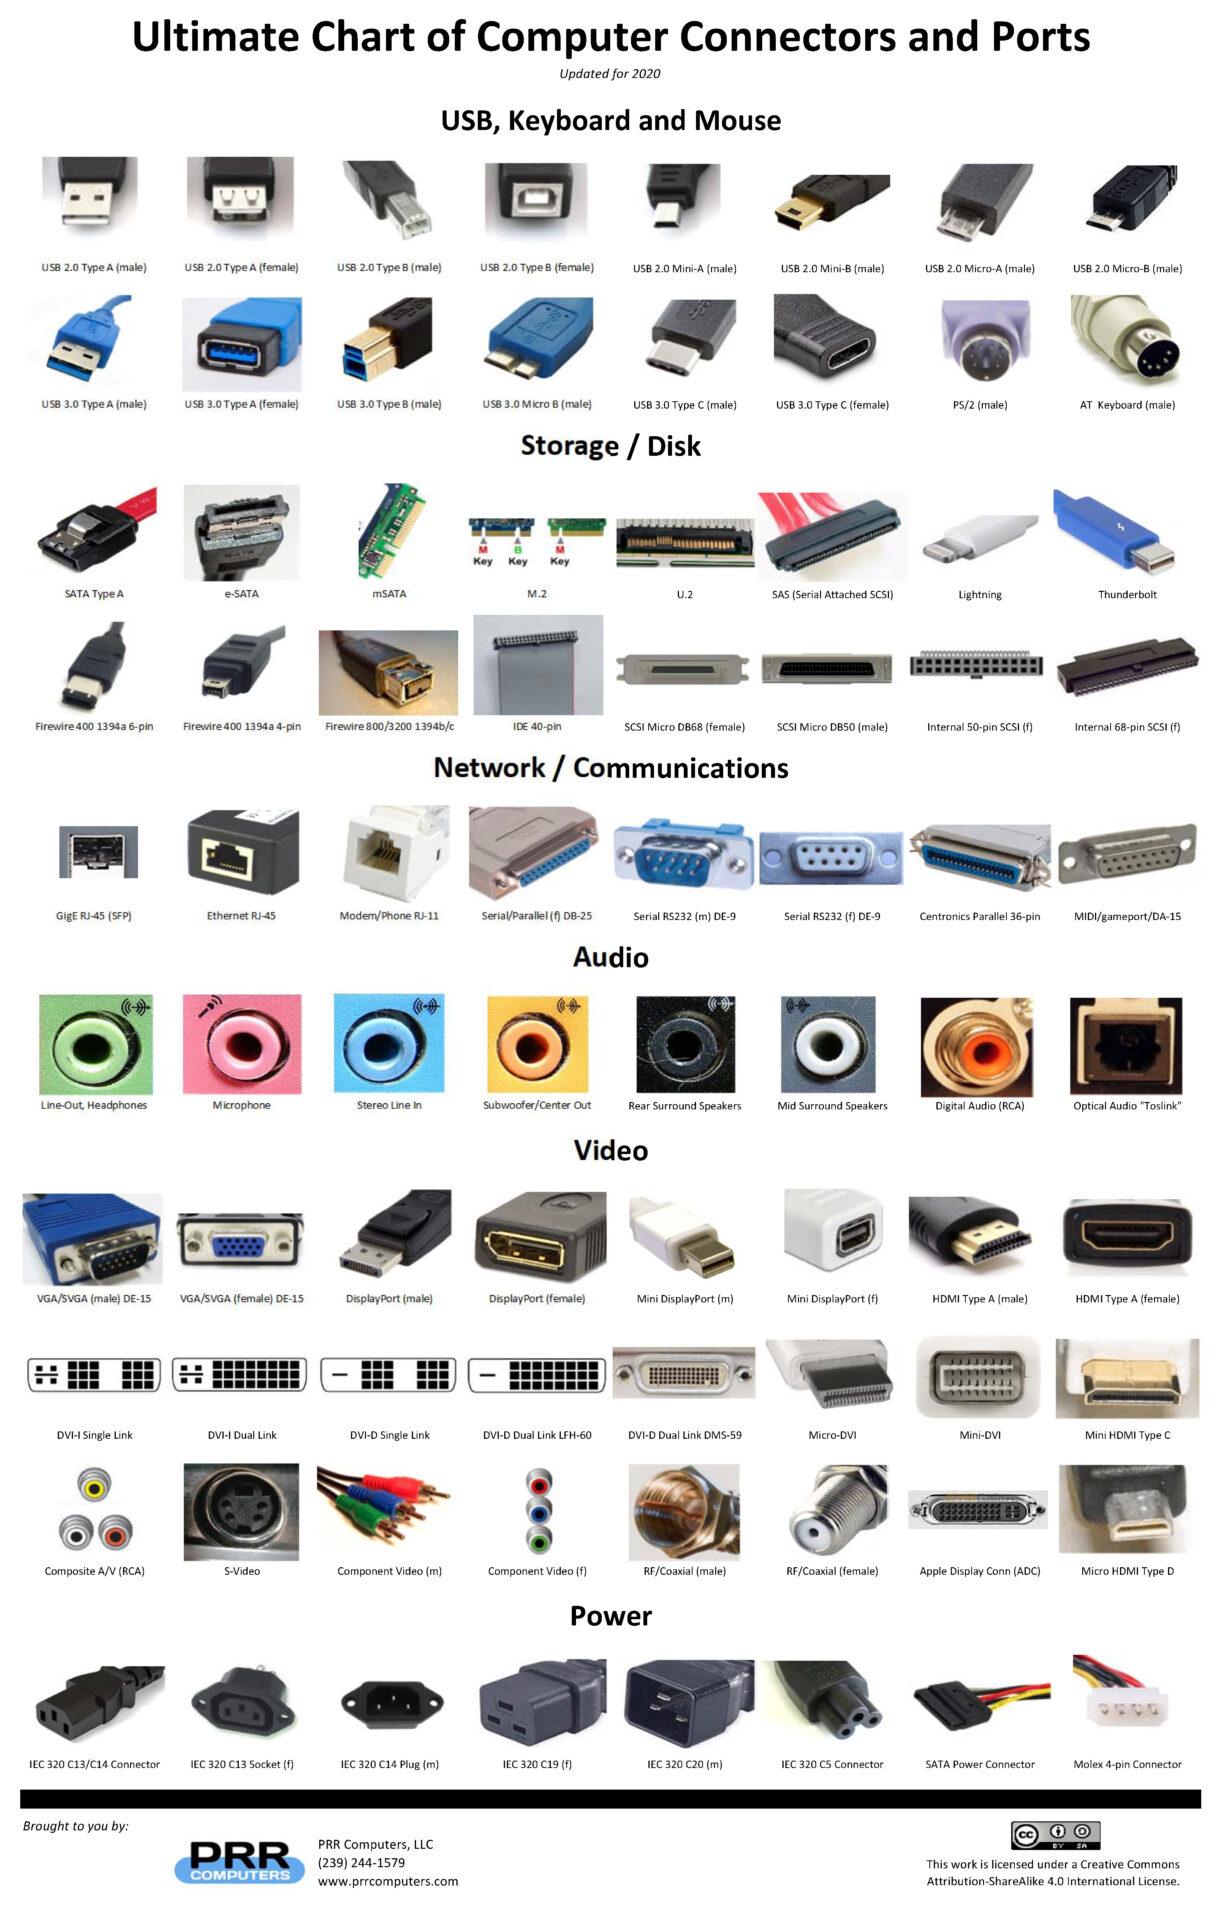 Ultimate Chart of Computer Connectors / Ports   PRRPRR Computers, LLC